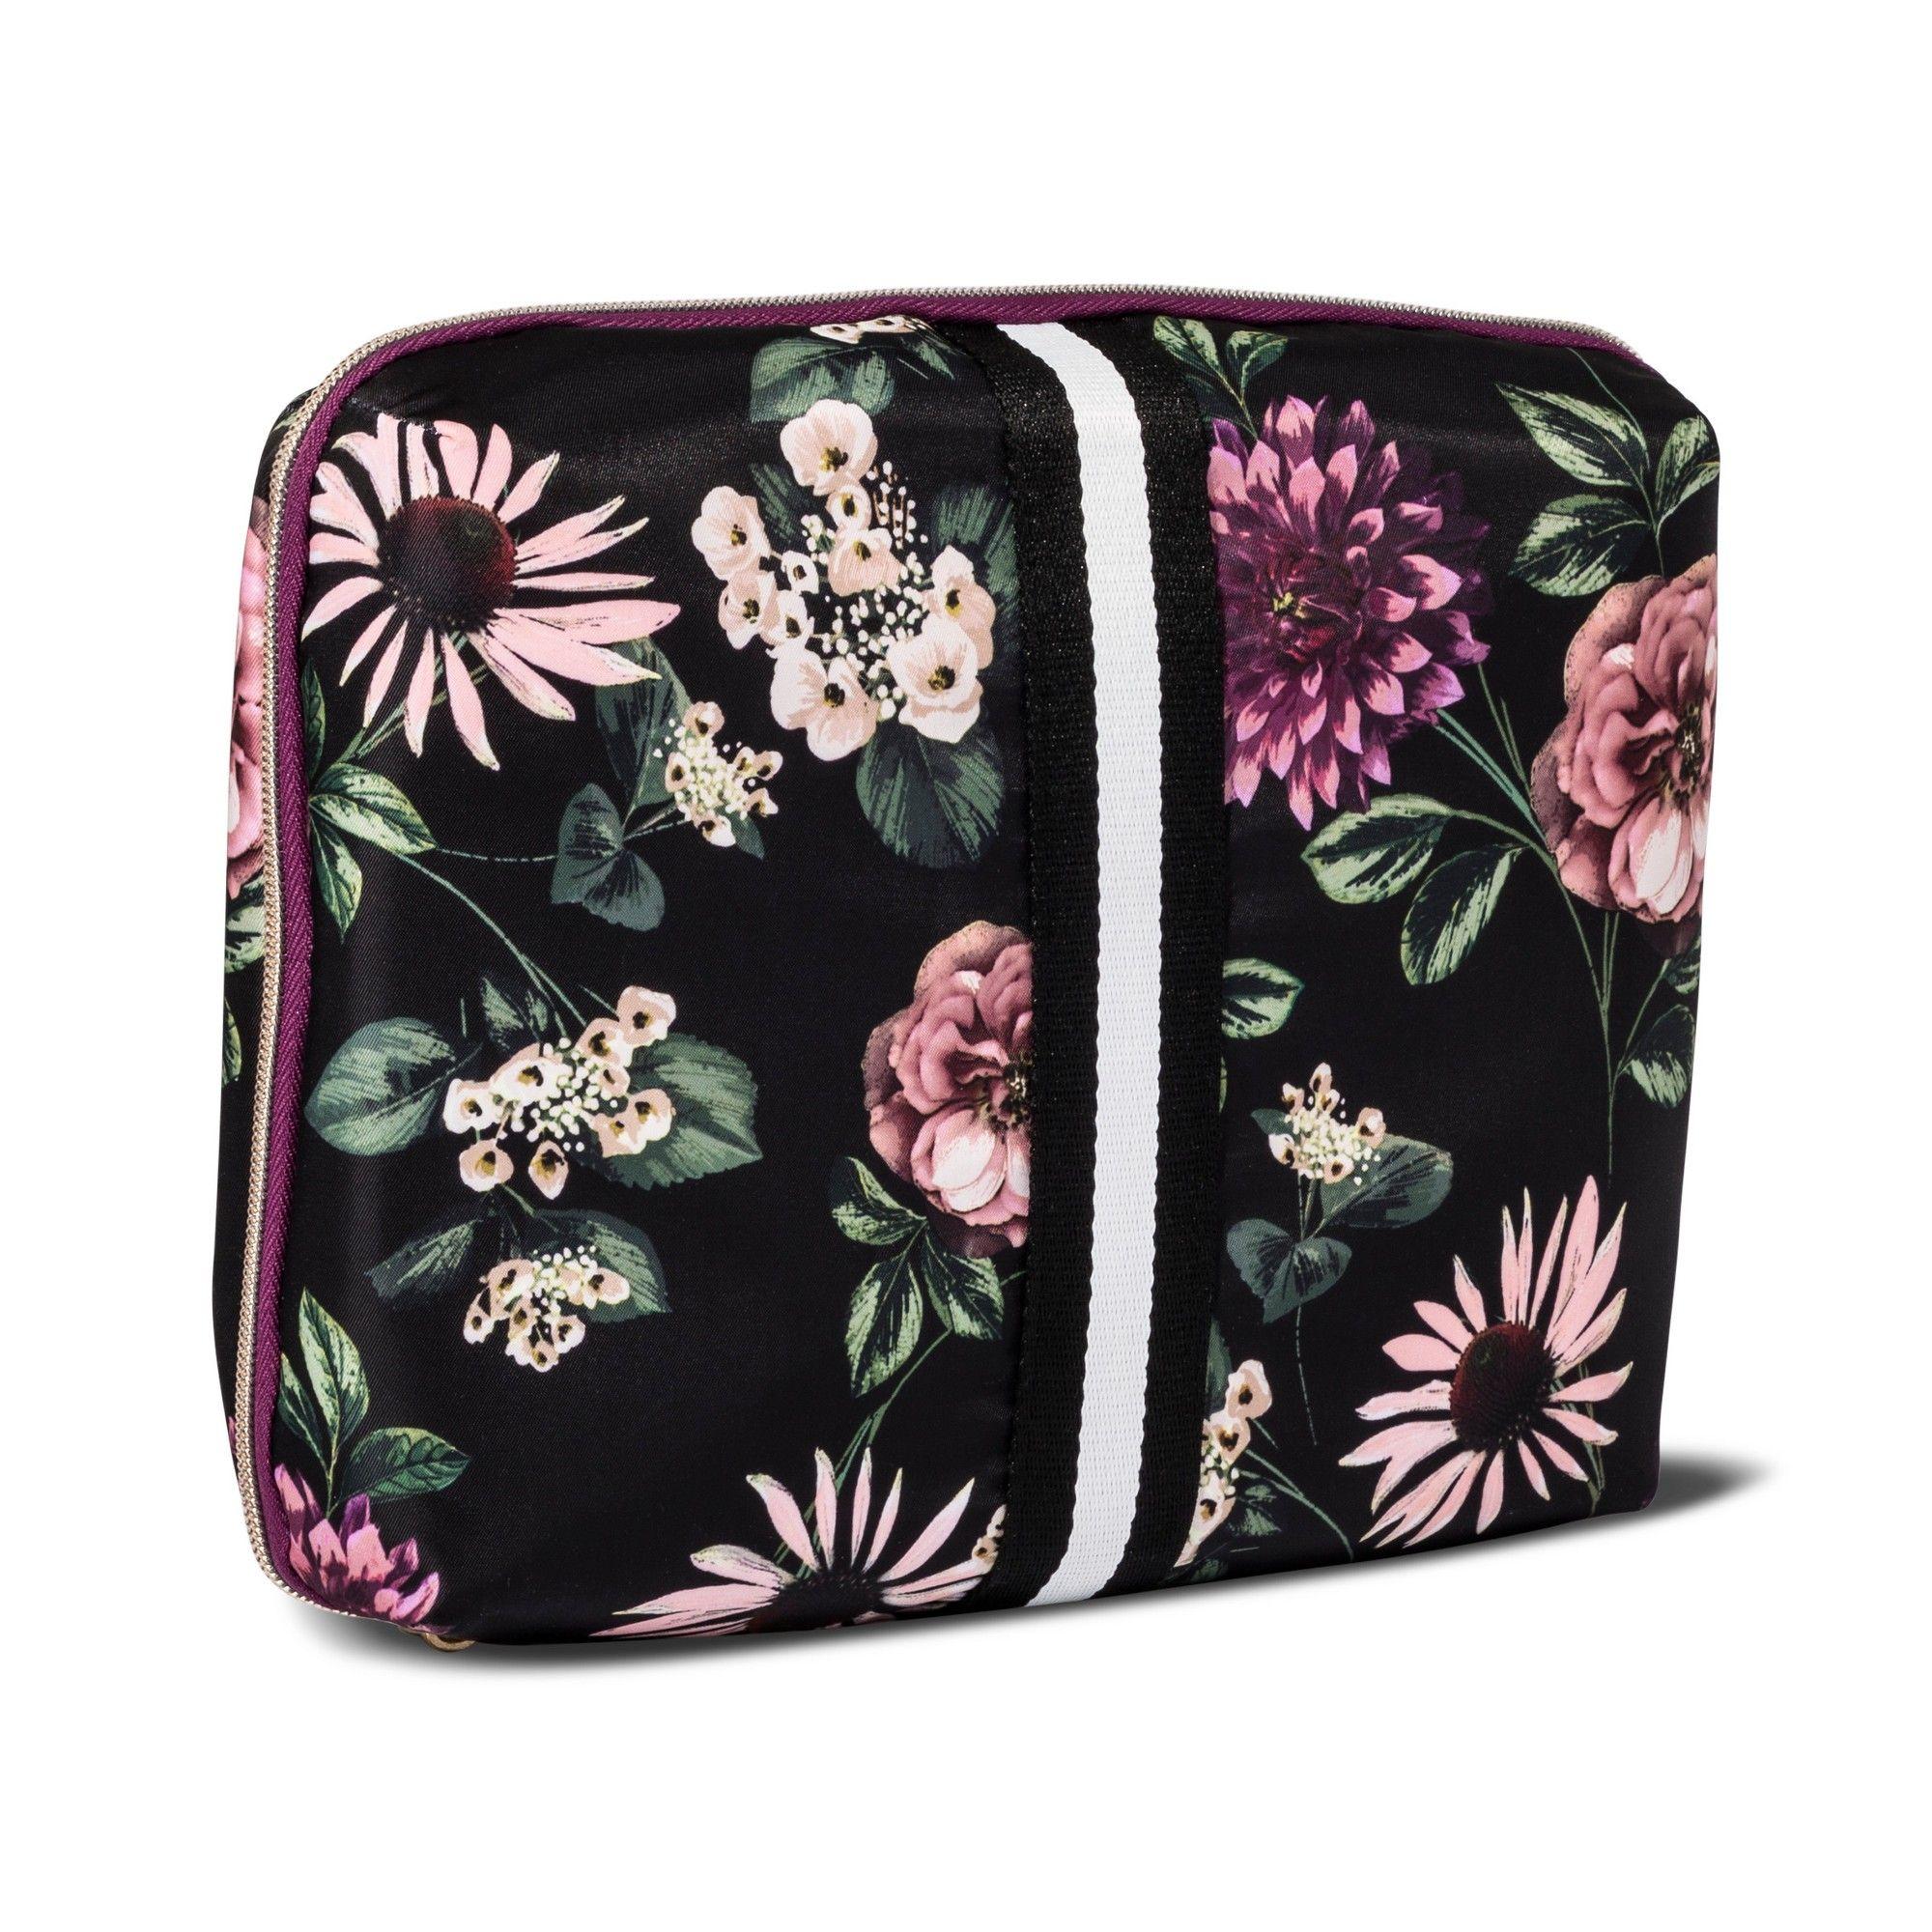 47b2f0afbc10 Sonia Kashuk™ Cosmetic Bag Beauty Organizer Dark Floral with Webbing ...